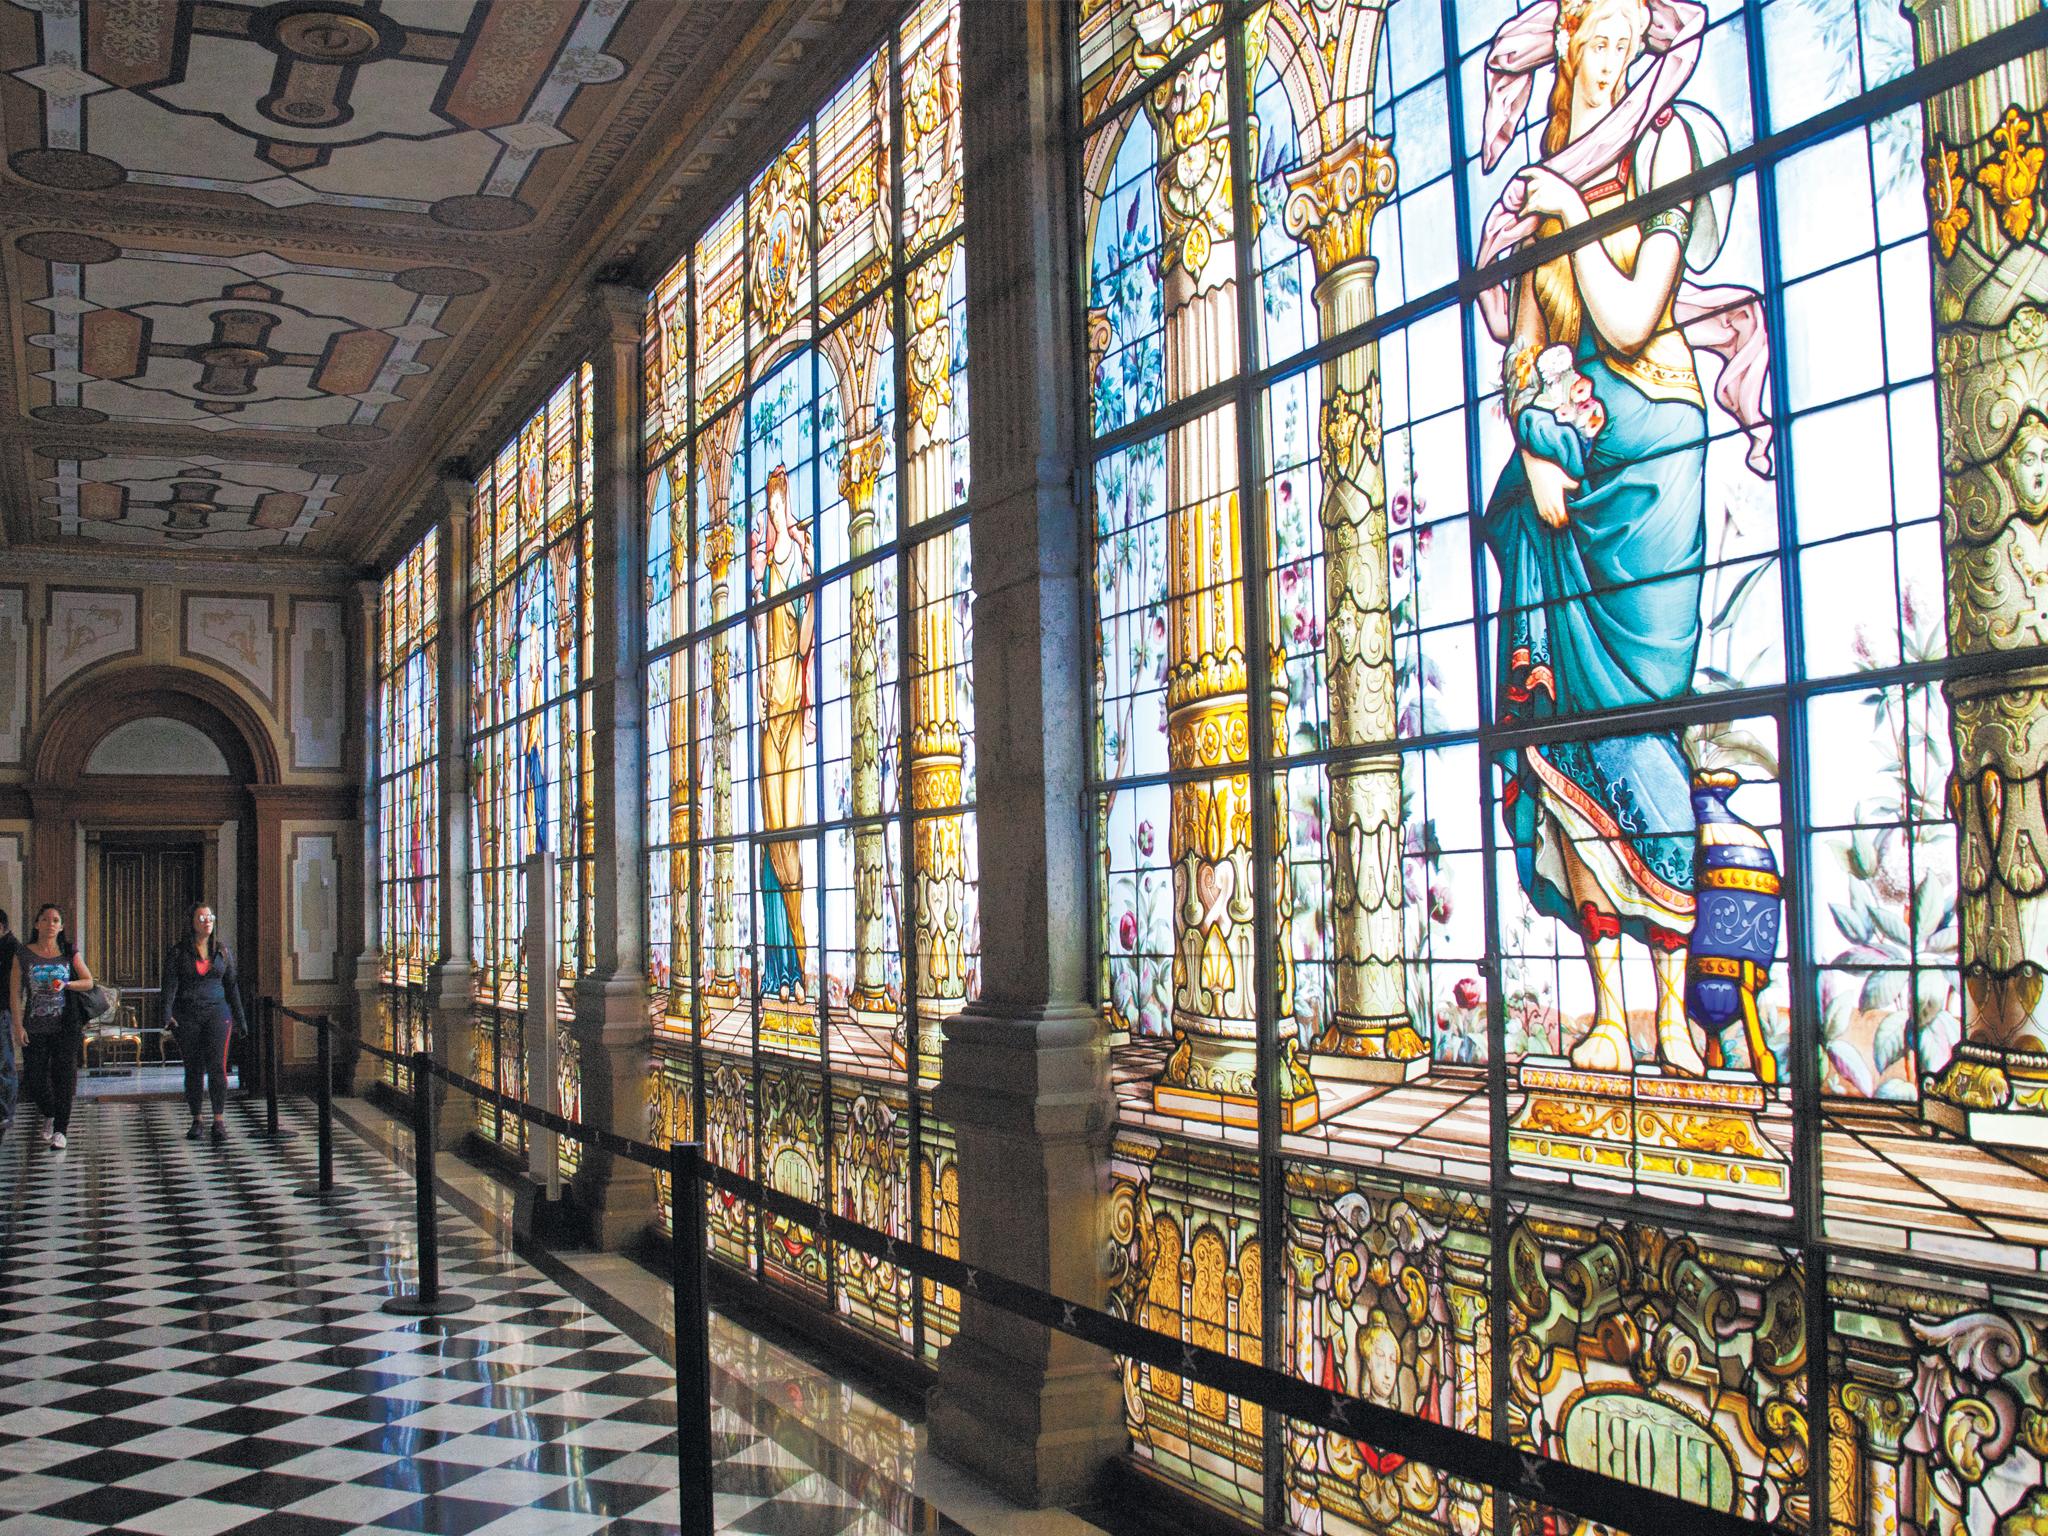 El Museo Nacional de Historia se encuentra en el Castillo de Chapultepec